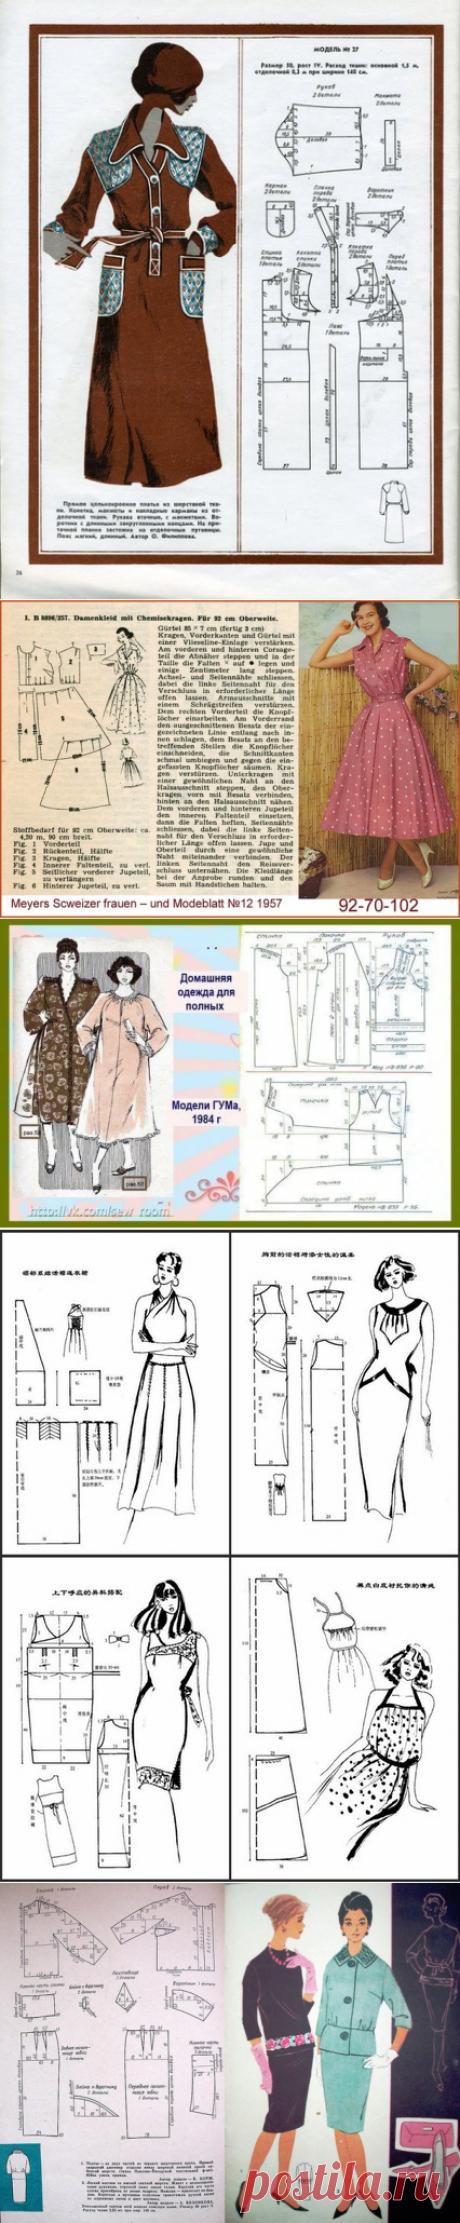 Ателье дизайнерской одежды: шитье, крой, вязание.Ретро-выкройки из старых журналов.